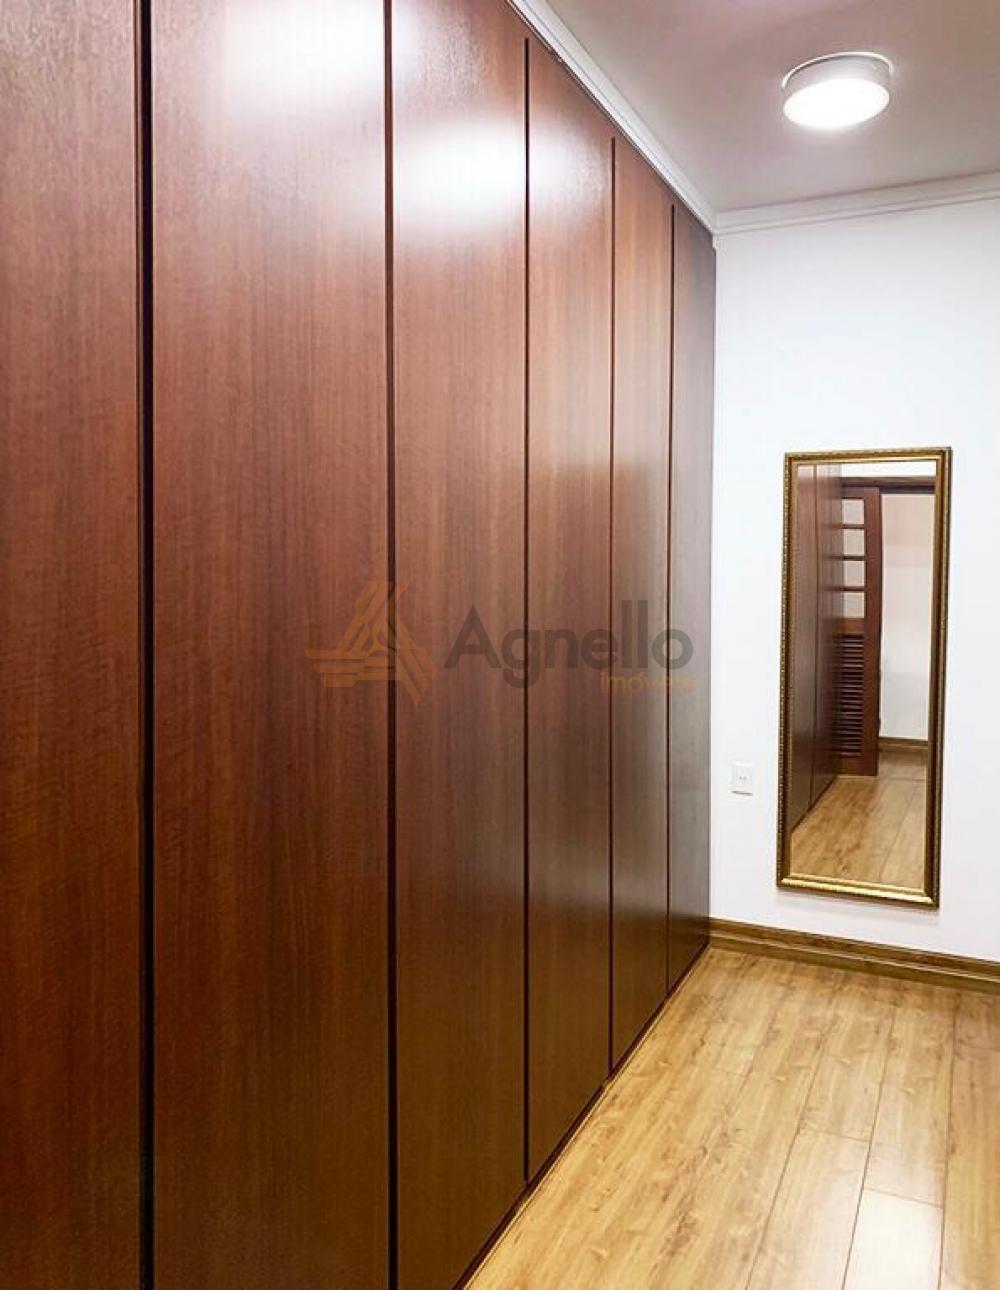 Comprar Casa / Padrão em Franca apenas R$ 1.200.000,00 - Foto 29